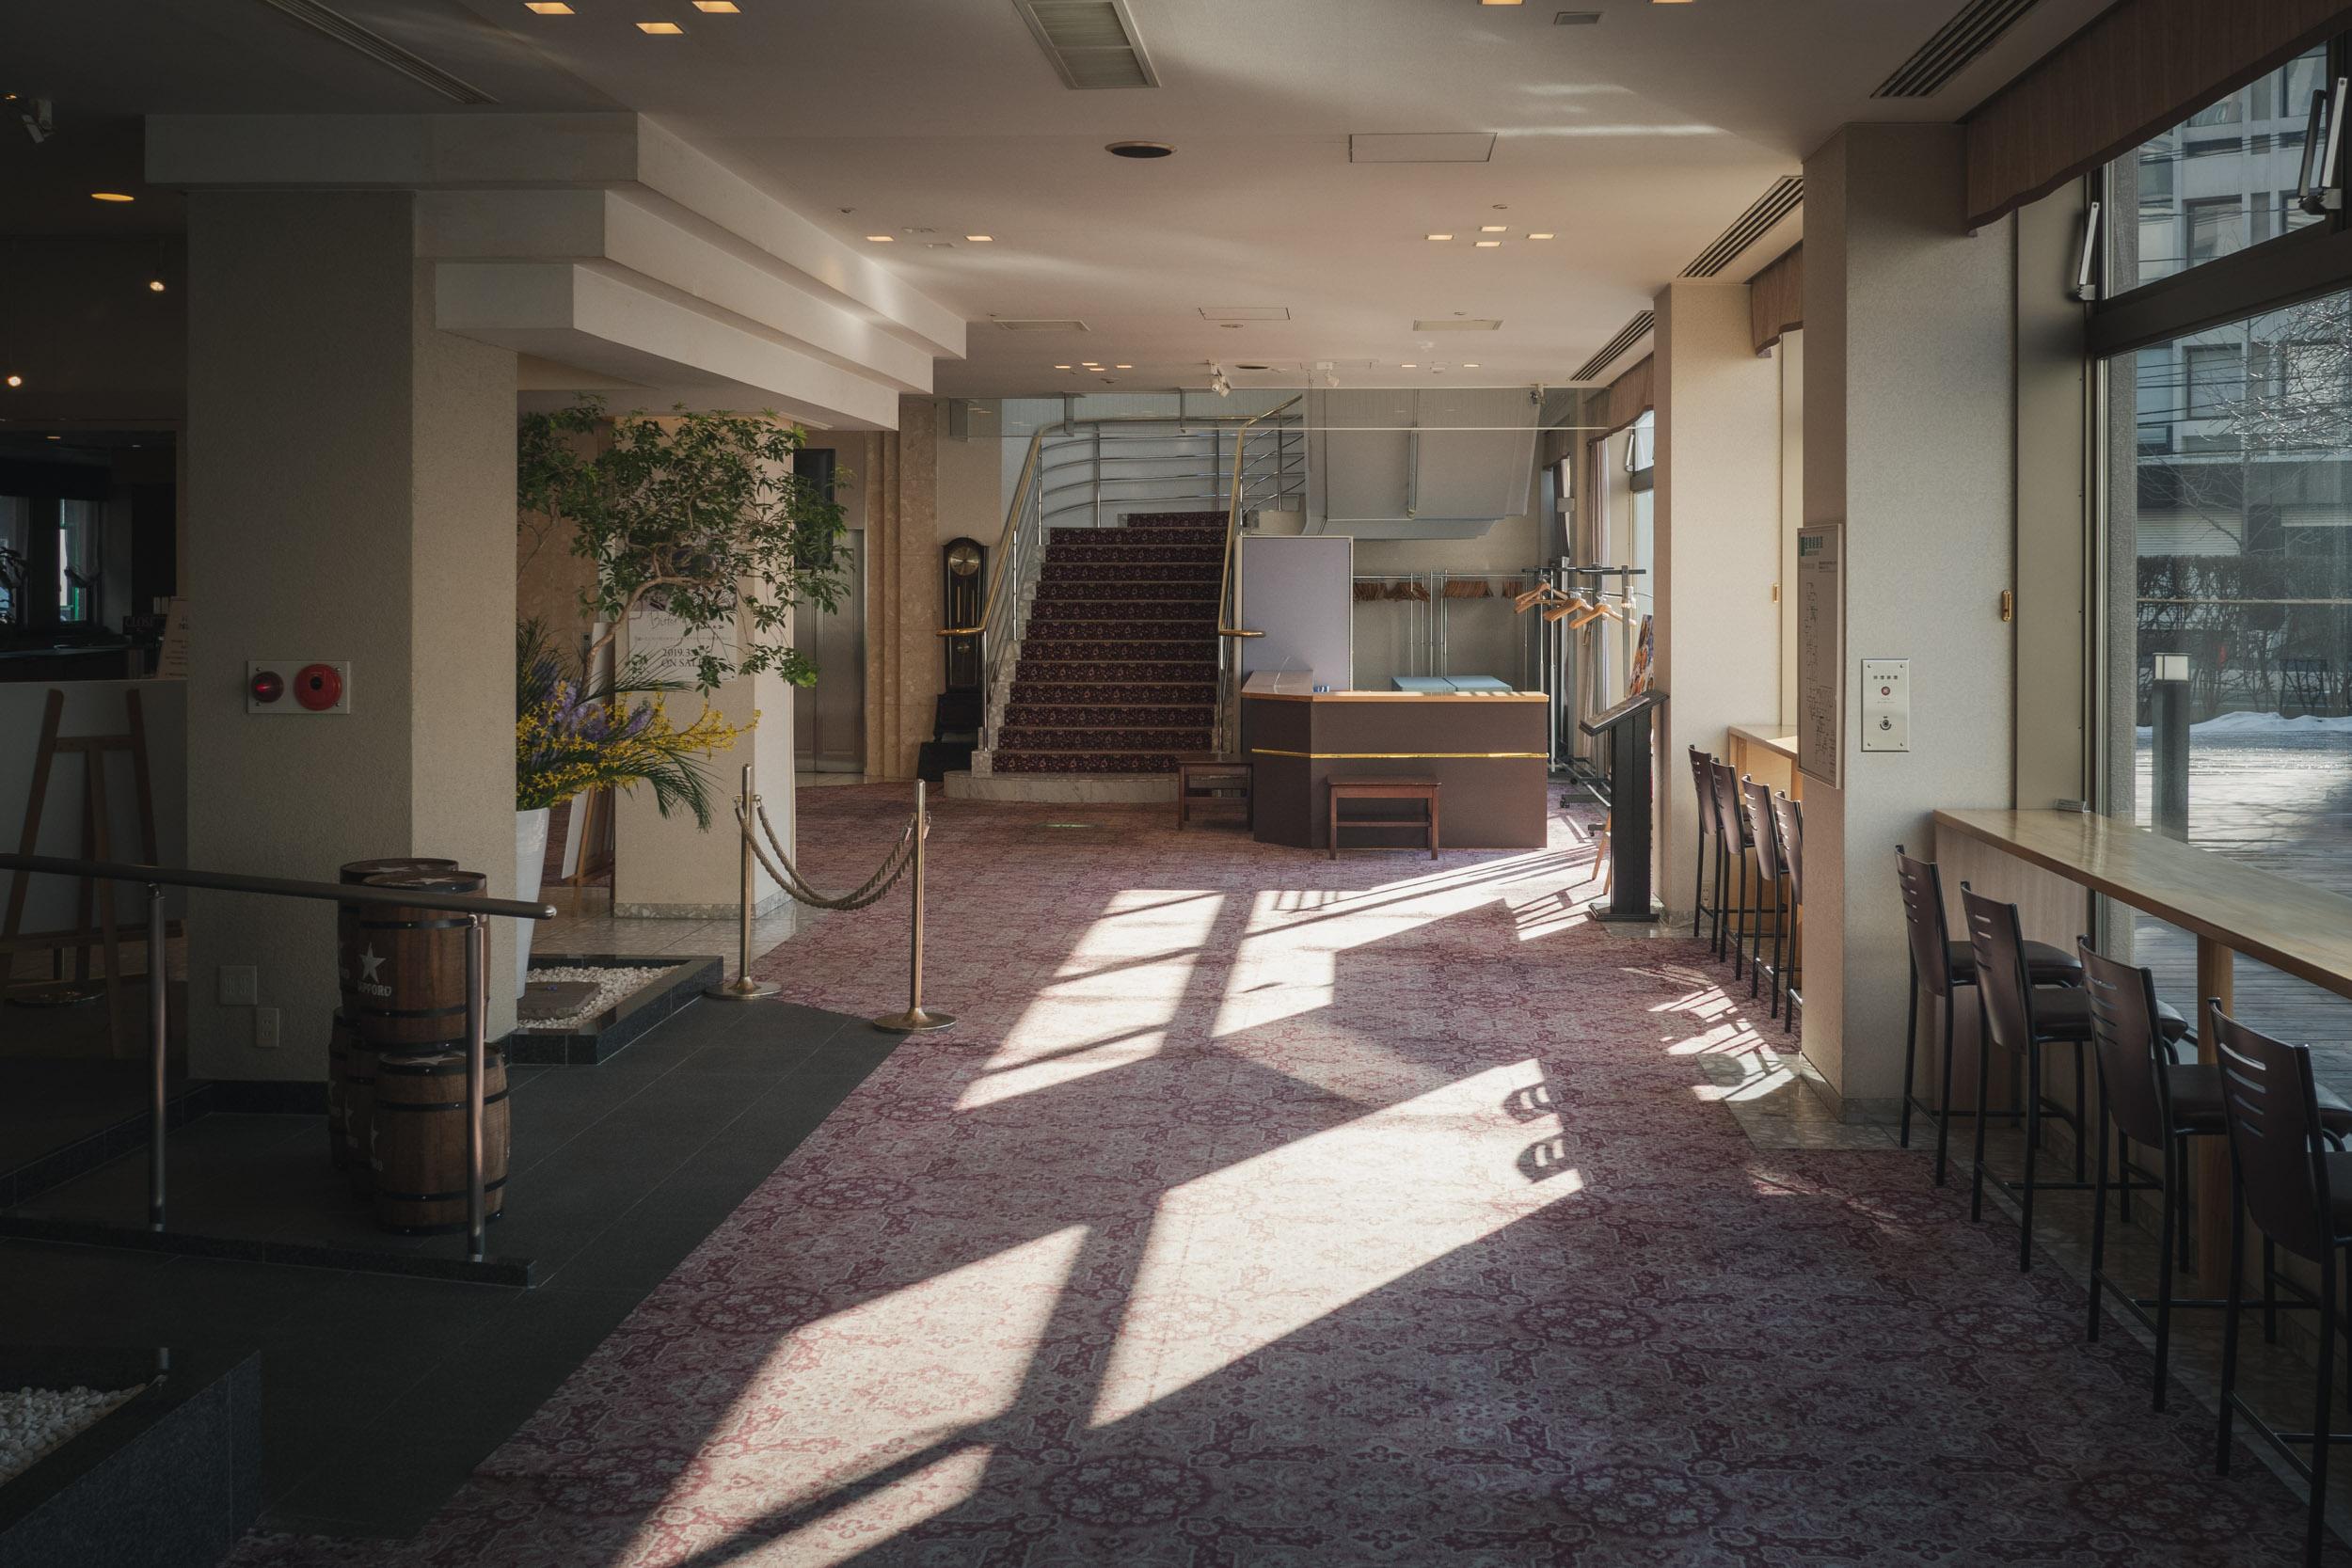 札幌第一ホテル バンケットからホールへと続く朝日射すアプローチ DMC-GX8 + LEICA DG 12-60mm